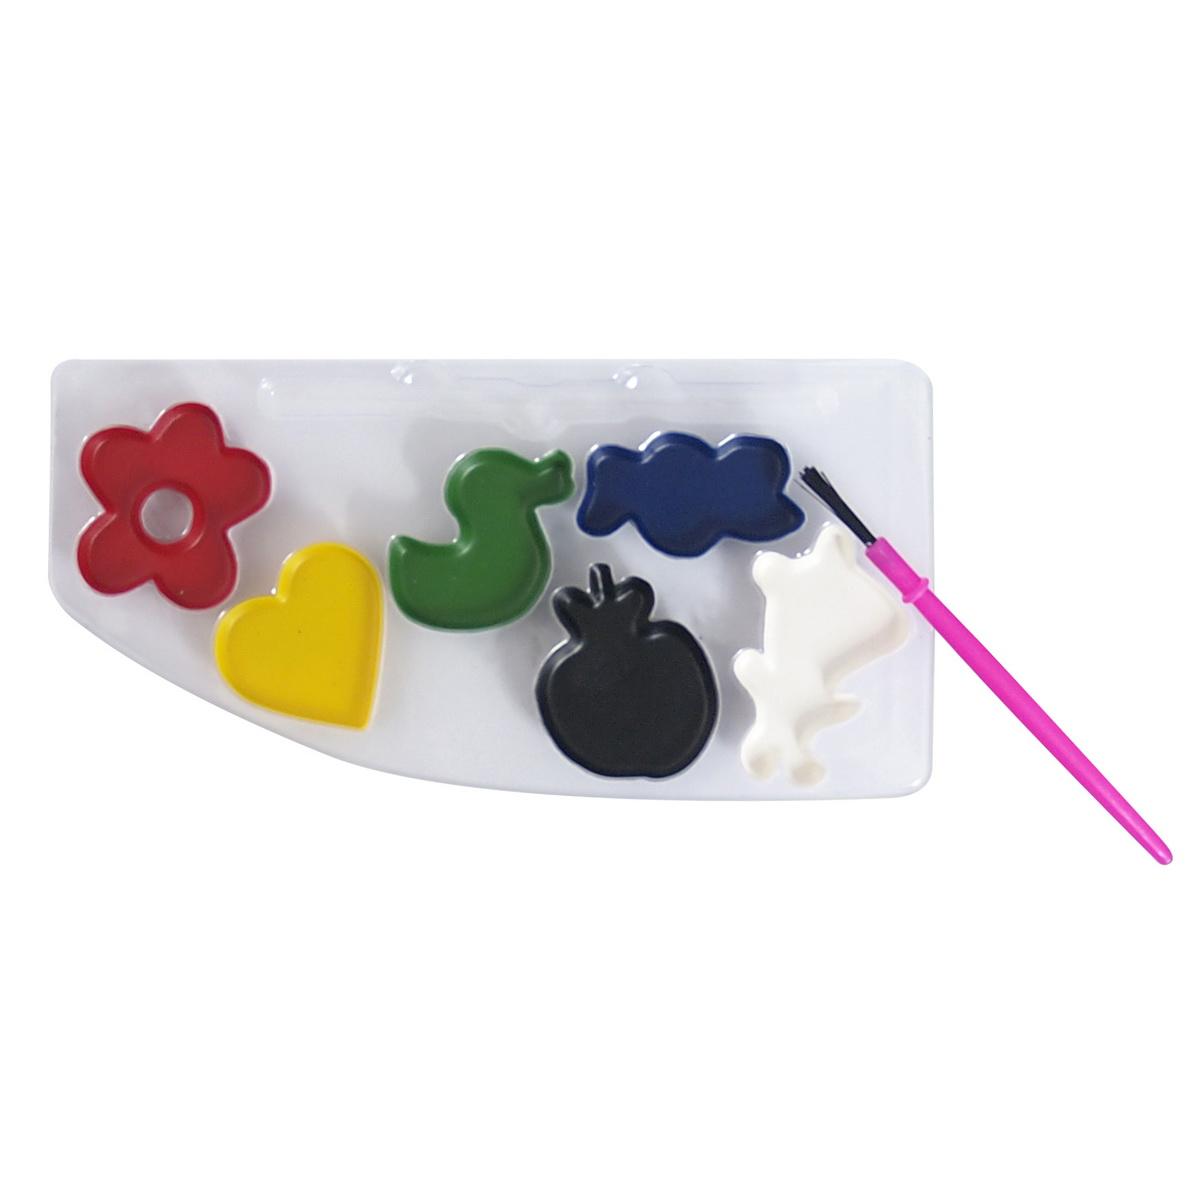 Set desen 5 in1 Acuarele Culori pentru copii Peppa Pig